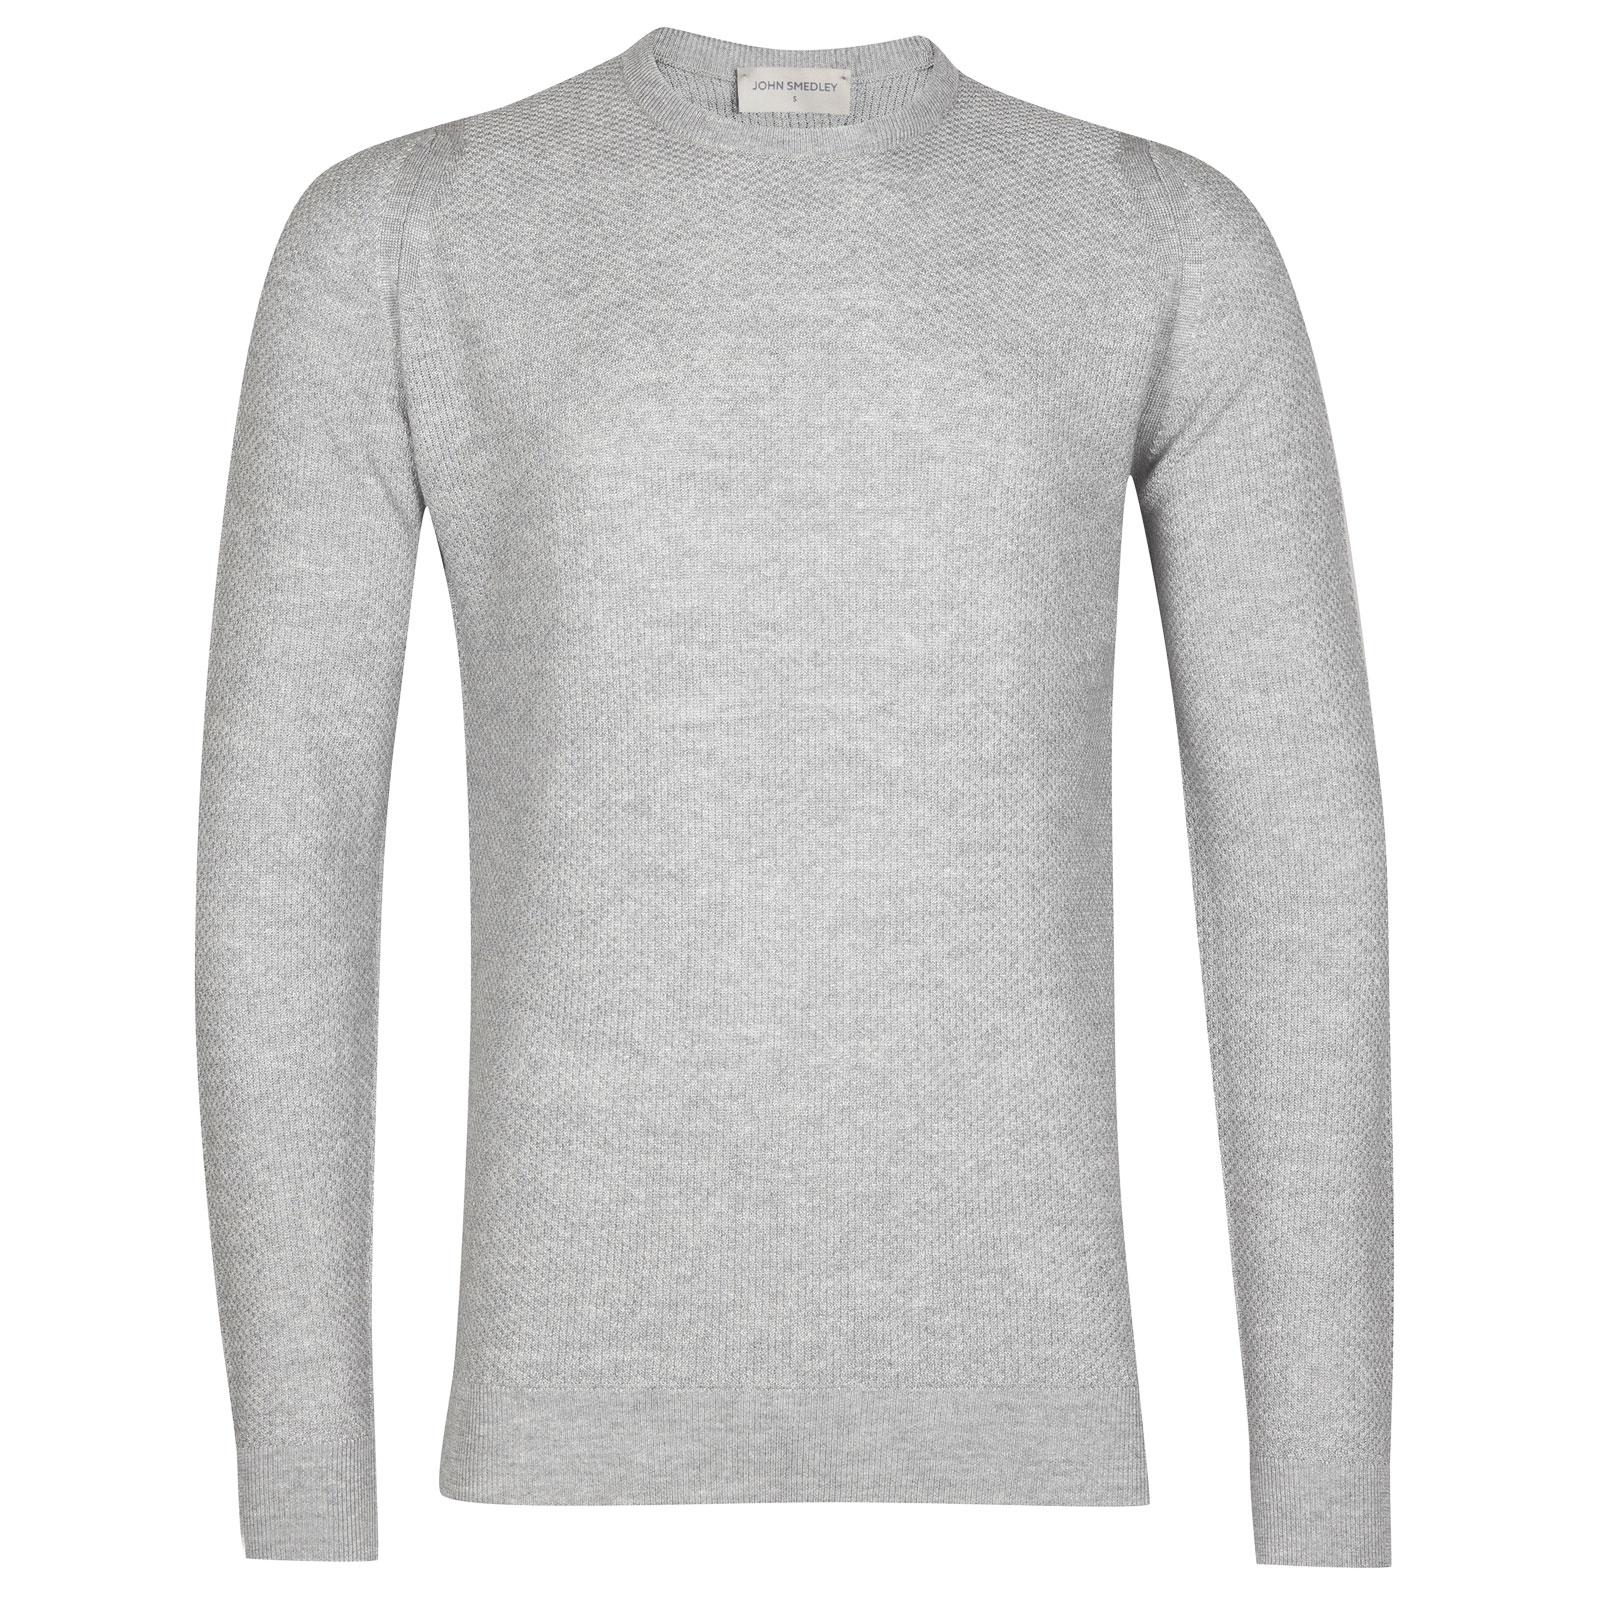 John Smedley 1Singular Merino Wool Pullover in Bardot Grey-L